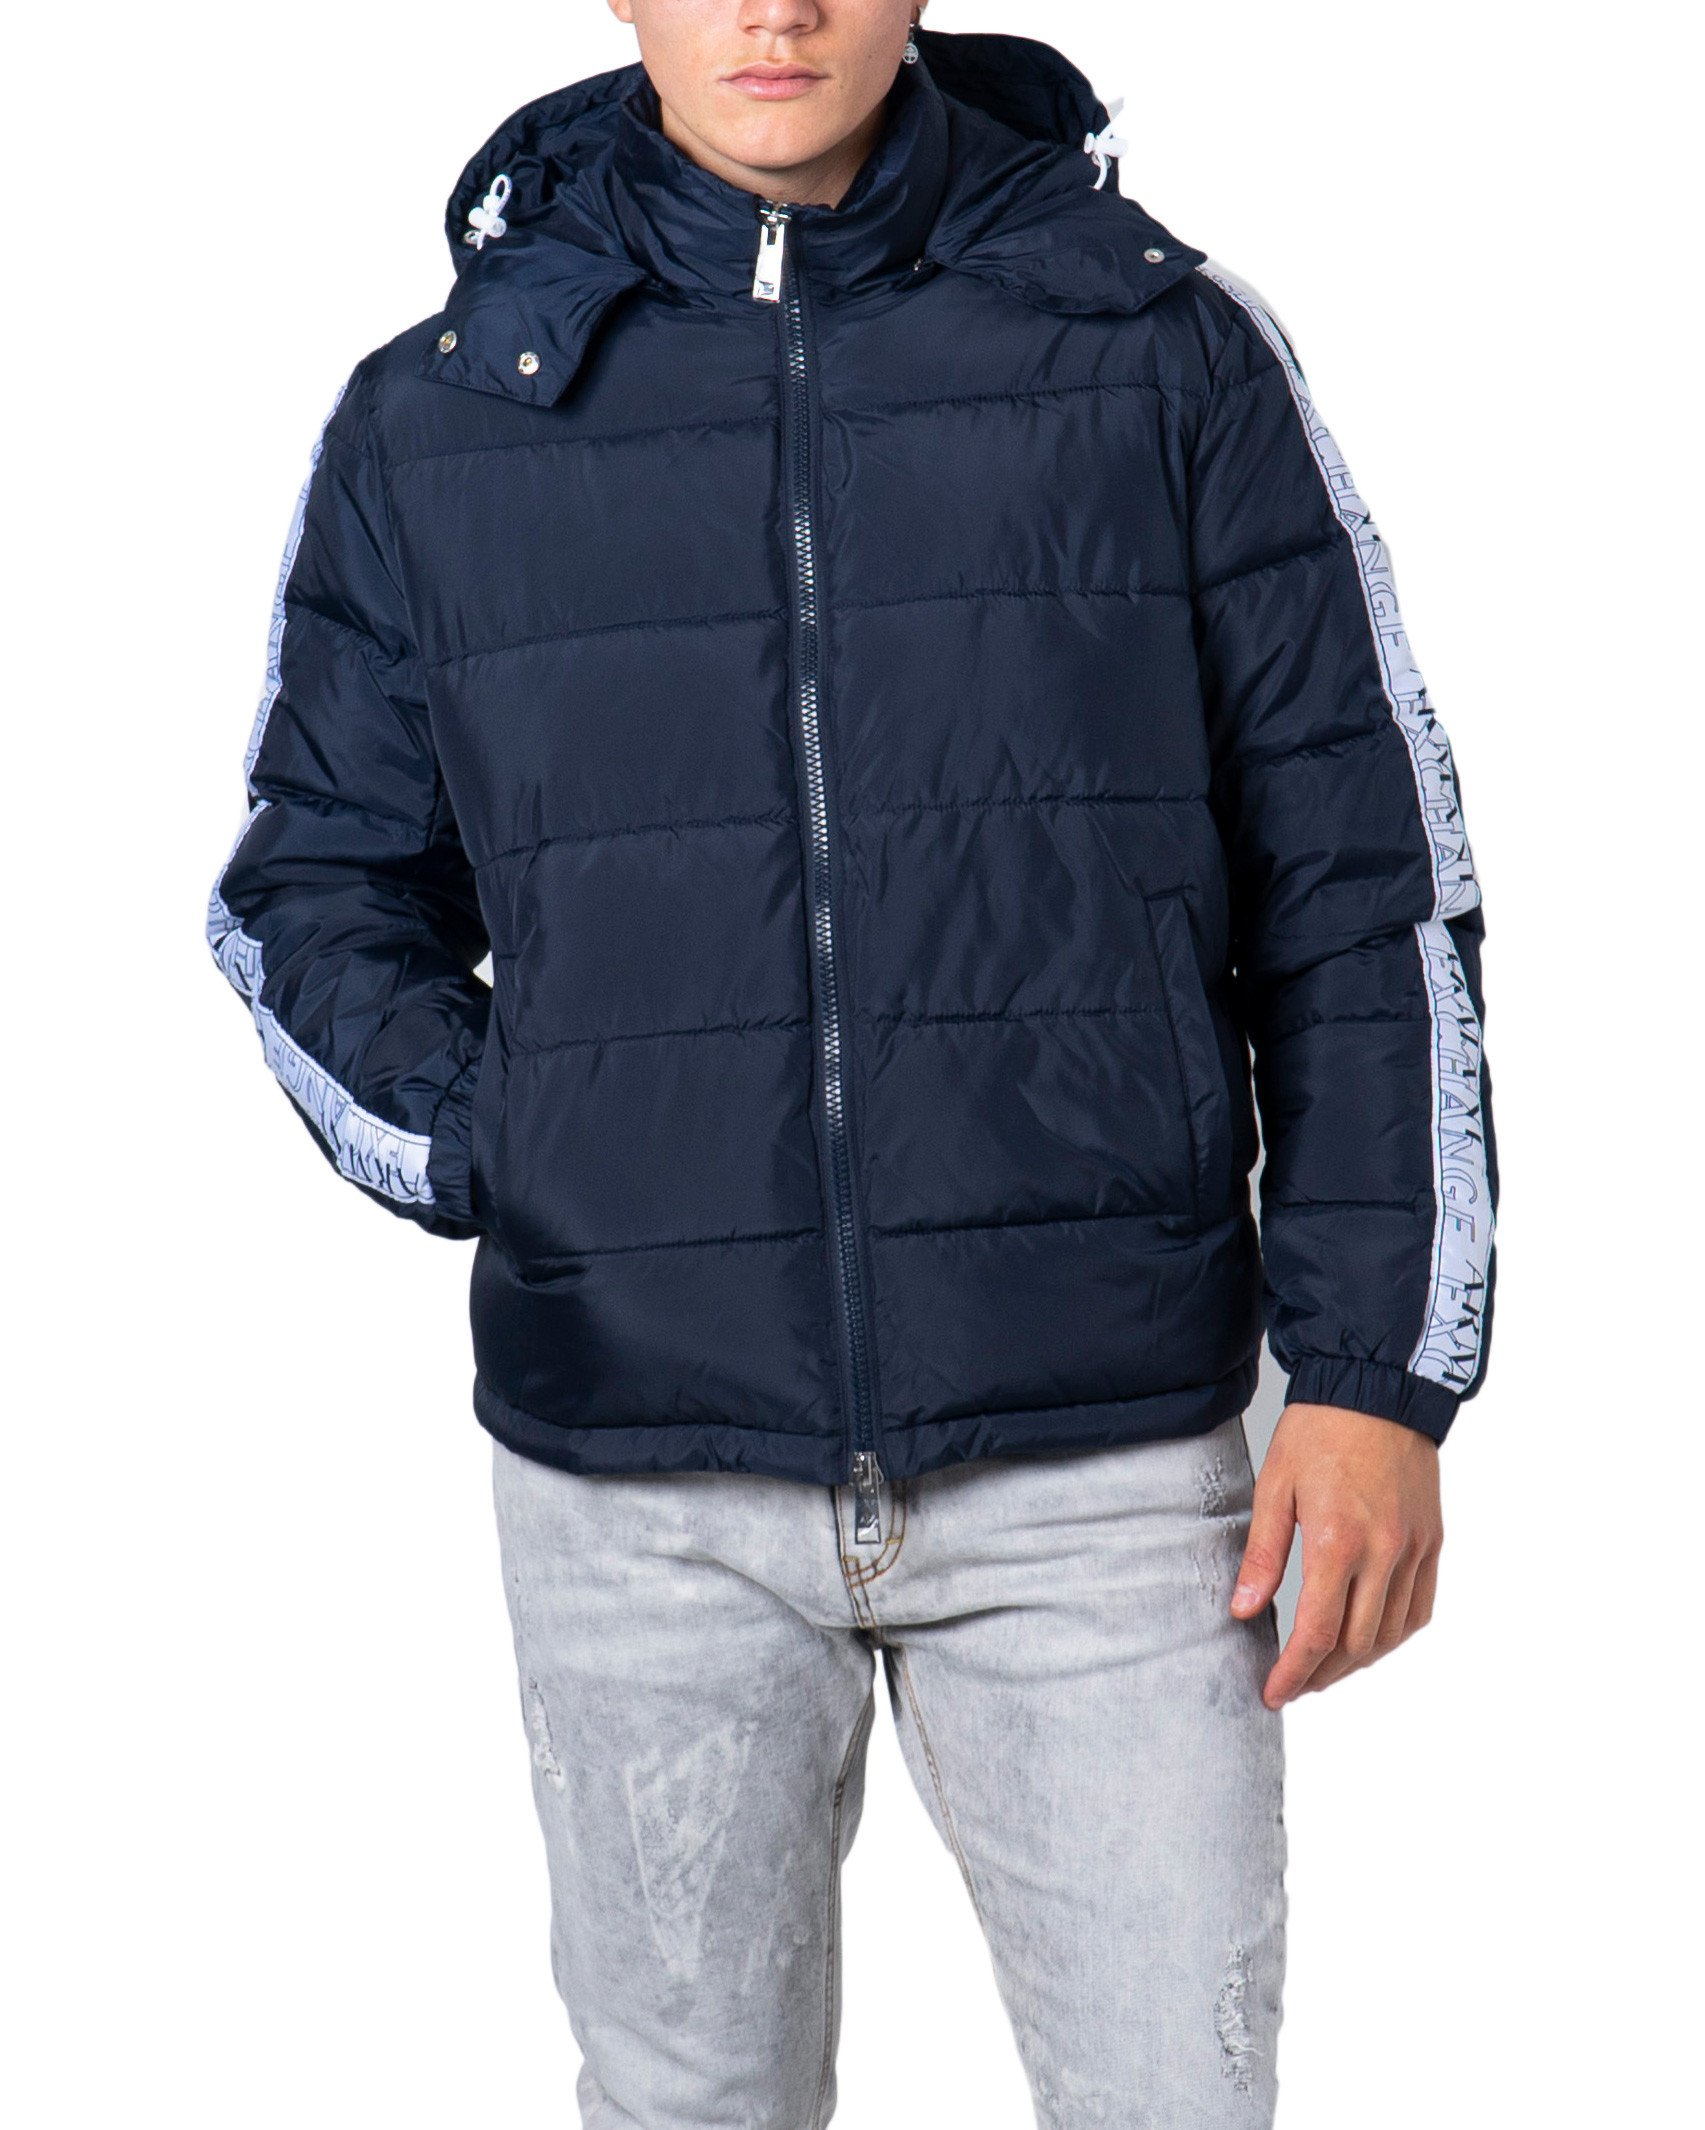 Armani Exchange Men's Jacket Various Colours 183107 - blue XS